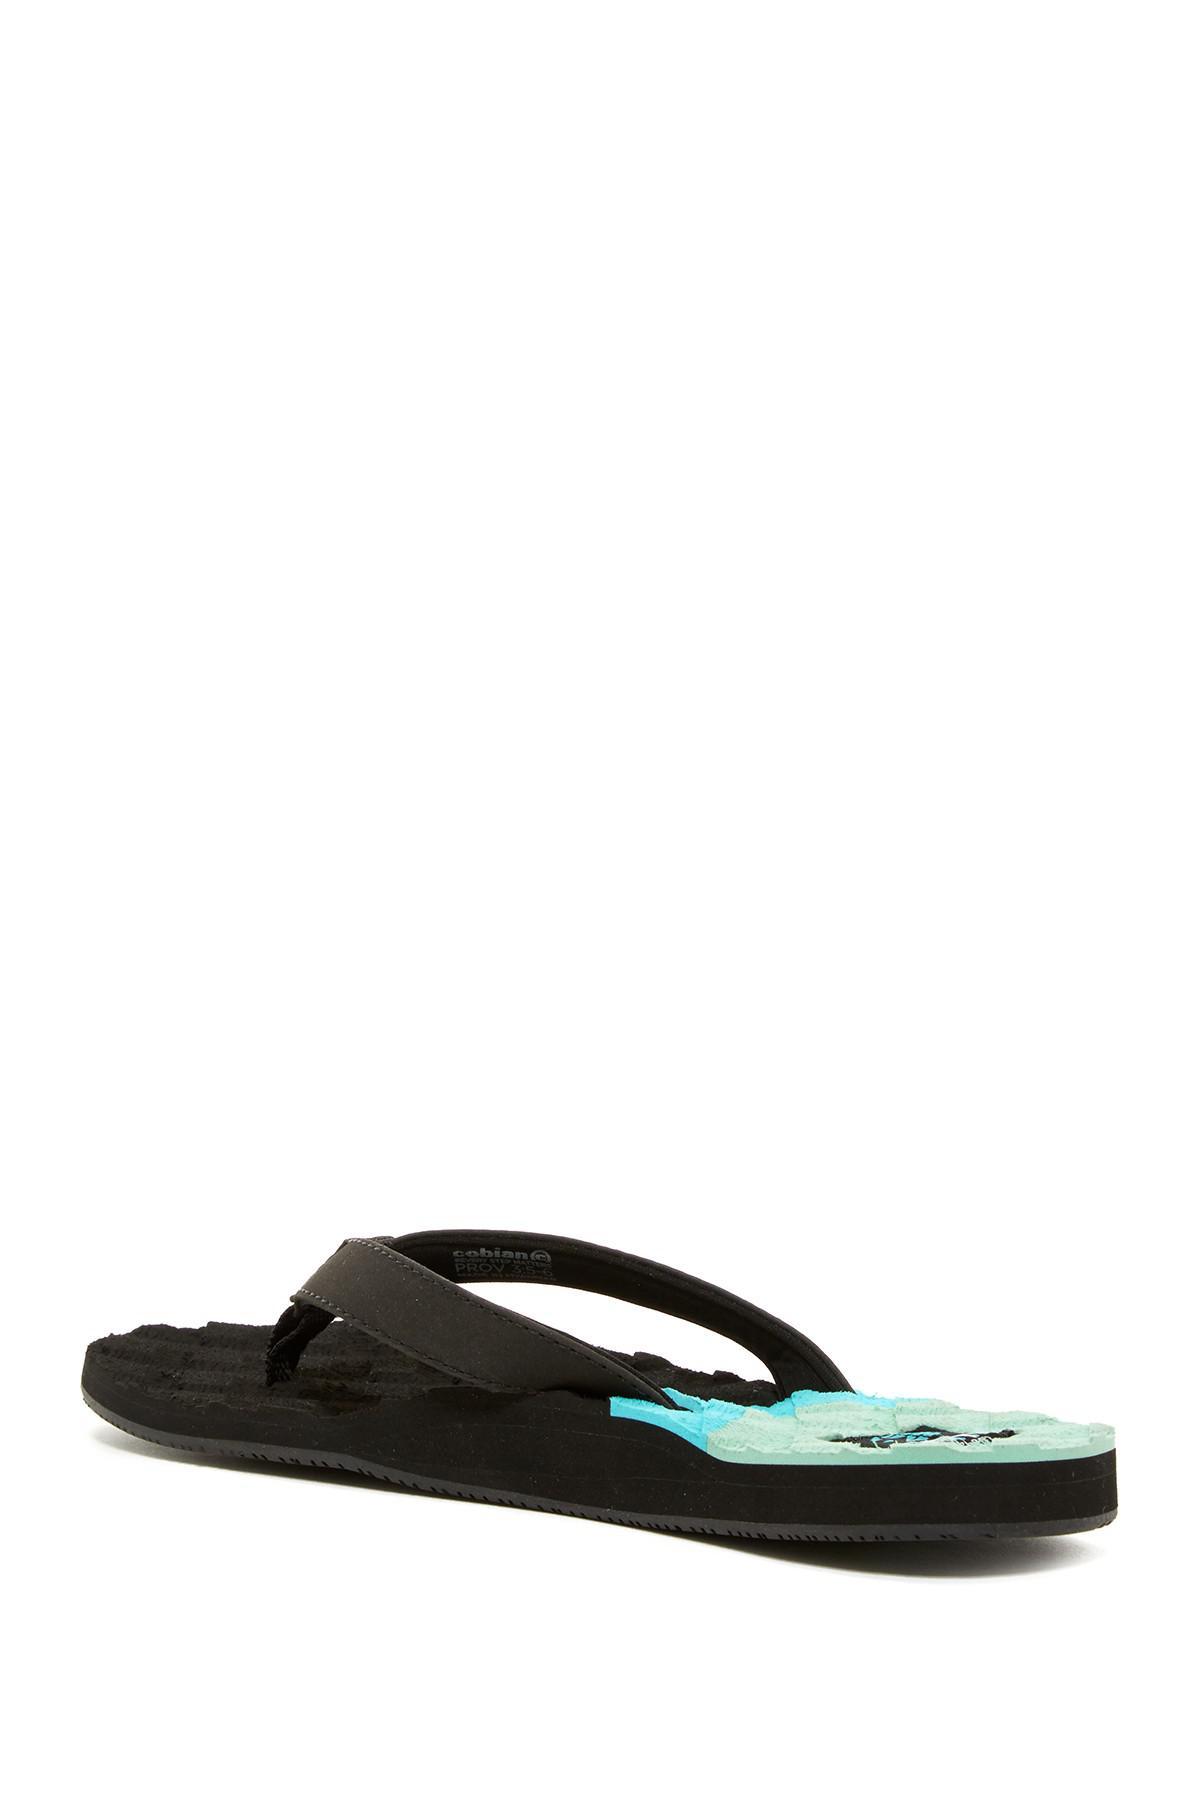 a37f68a66 Lyst - Cobian Foam Flip Flop Sandal (women) in Black